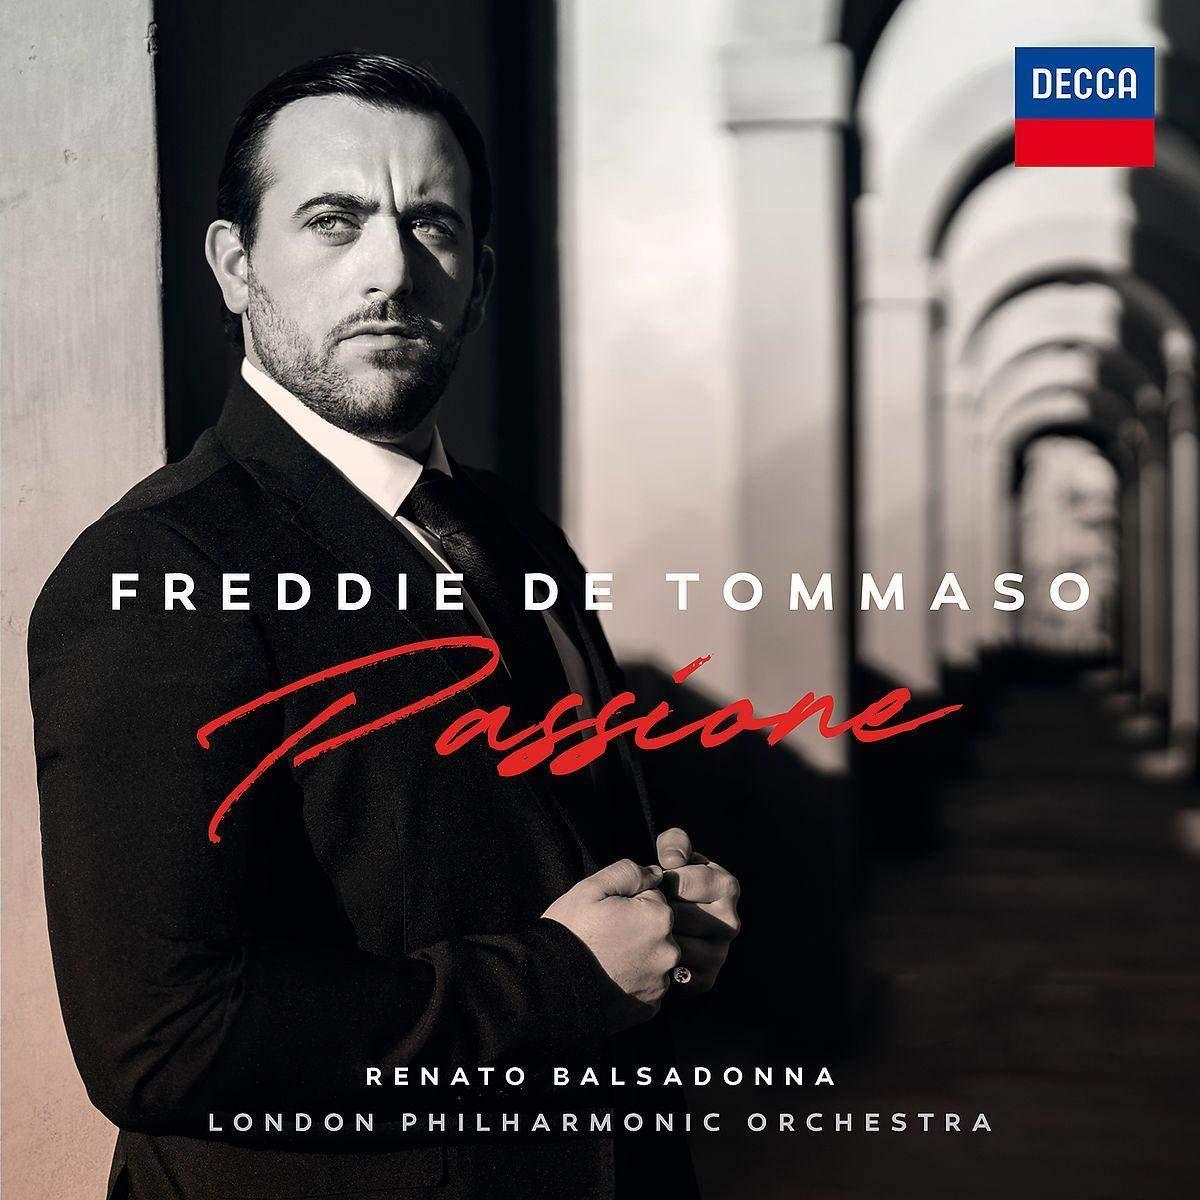 Freddie De Tommasos erstaunliches Debütalbum